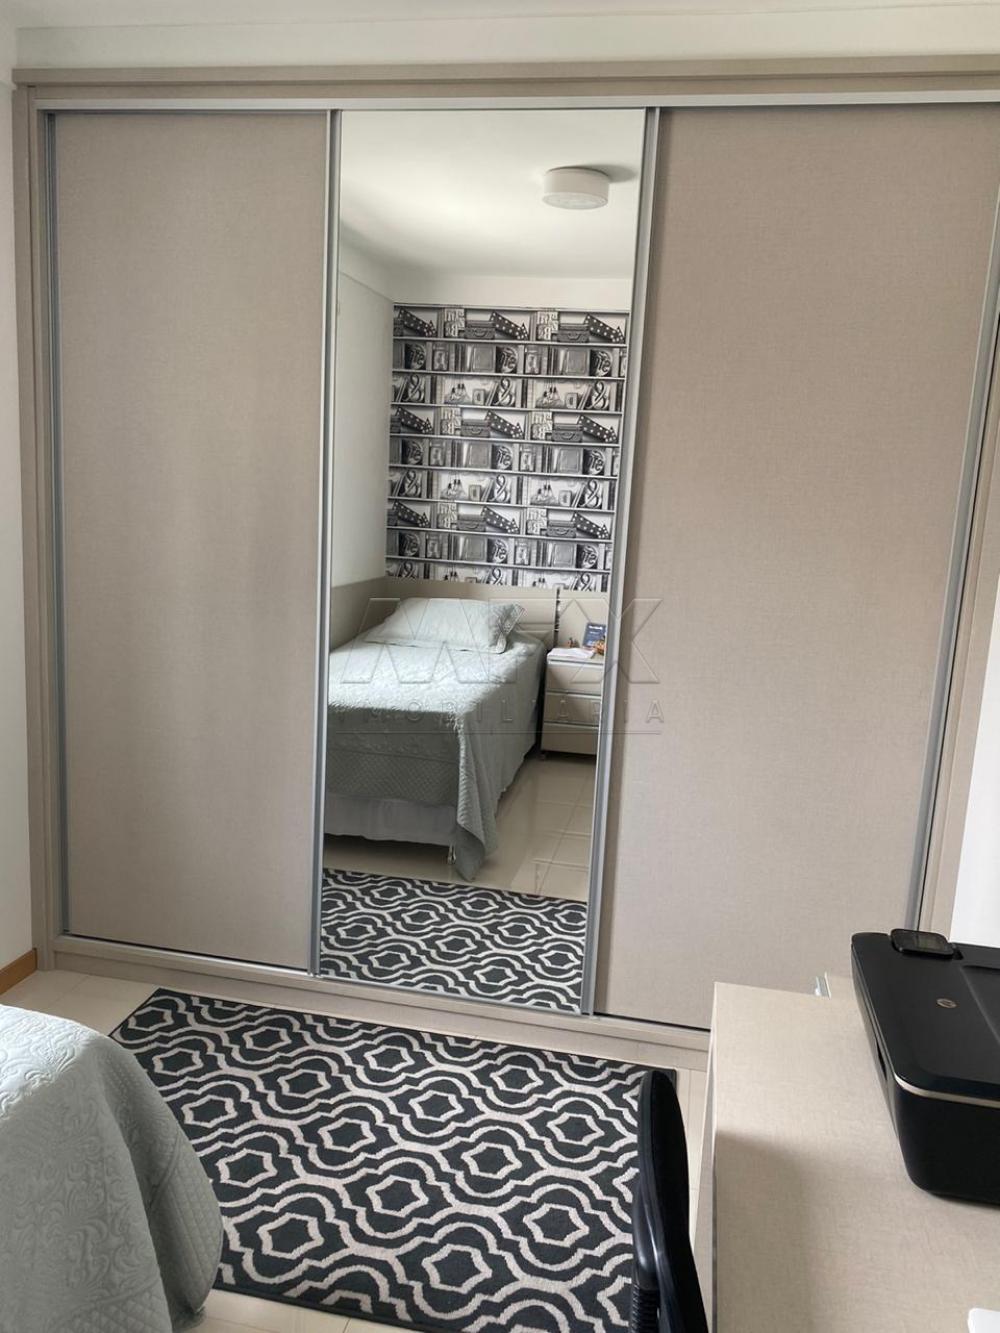 Comprar Apartamento / Padrão em Bauru R$ 580.000,00 - Foto 4